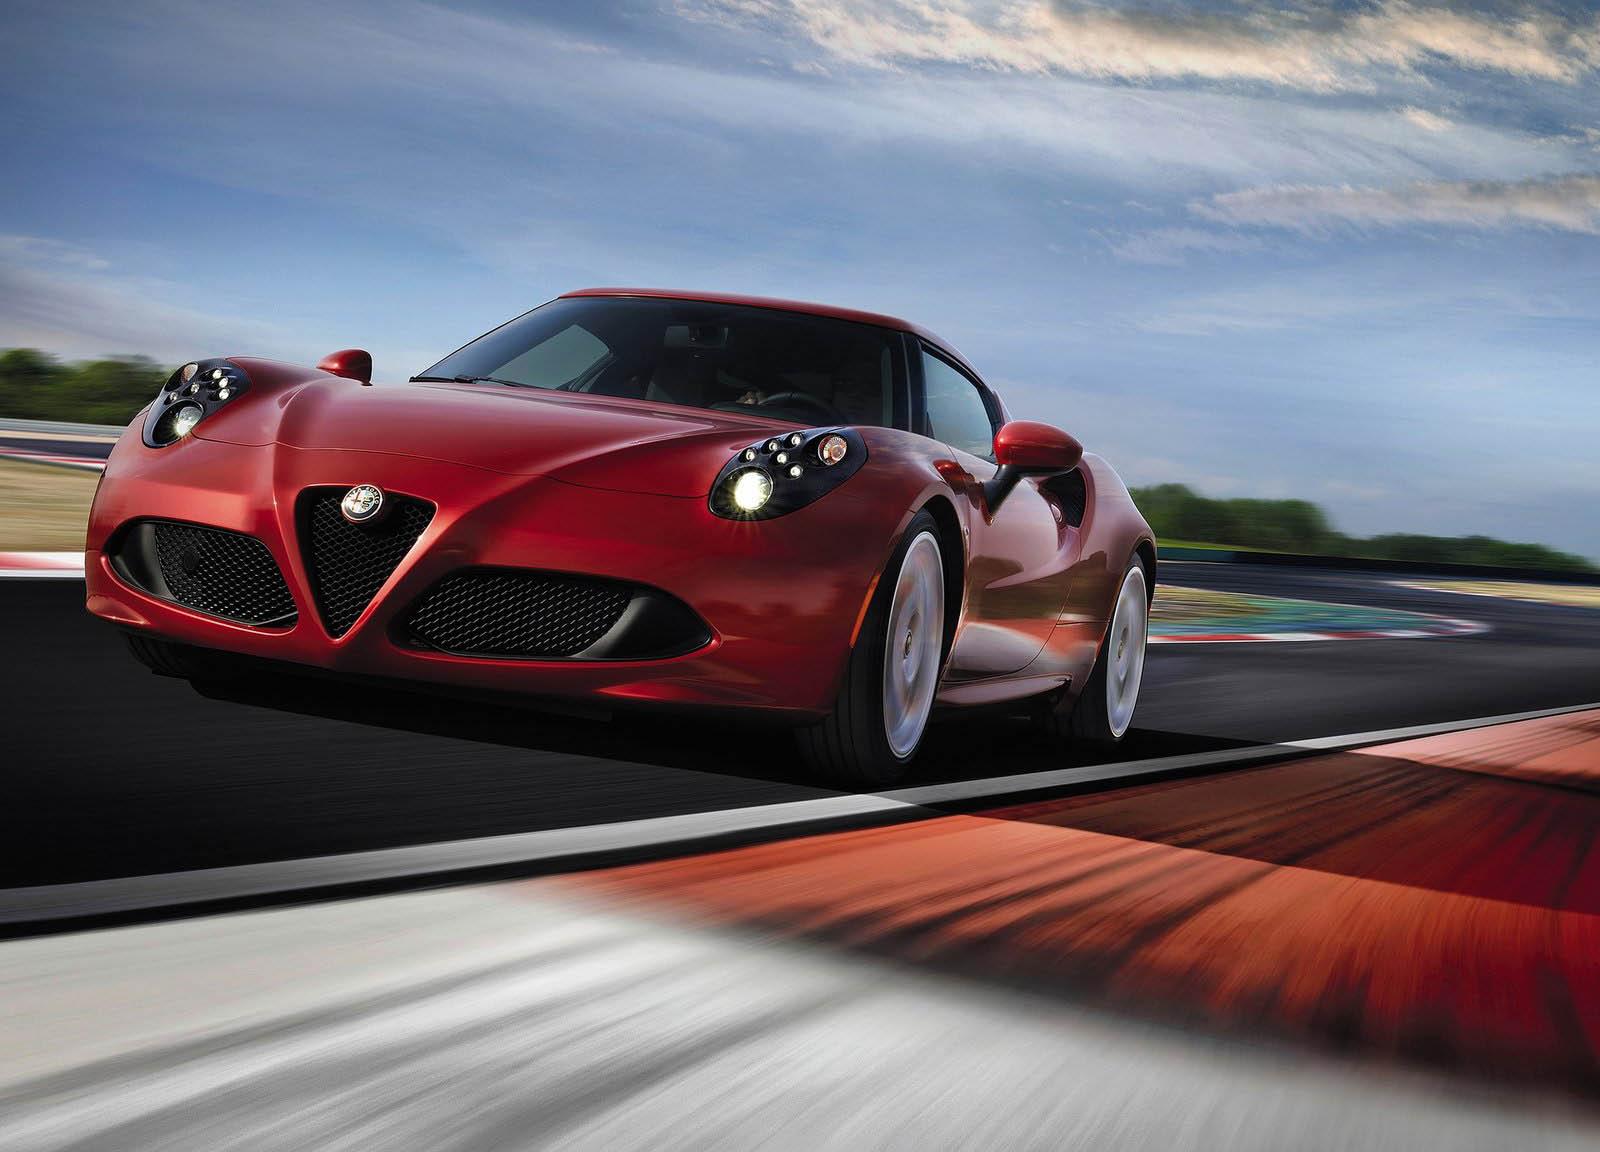 Alfa está desarrollando los nuevos 4C y Giulietta: ¿Qué esperamos de ellos?